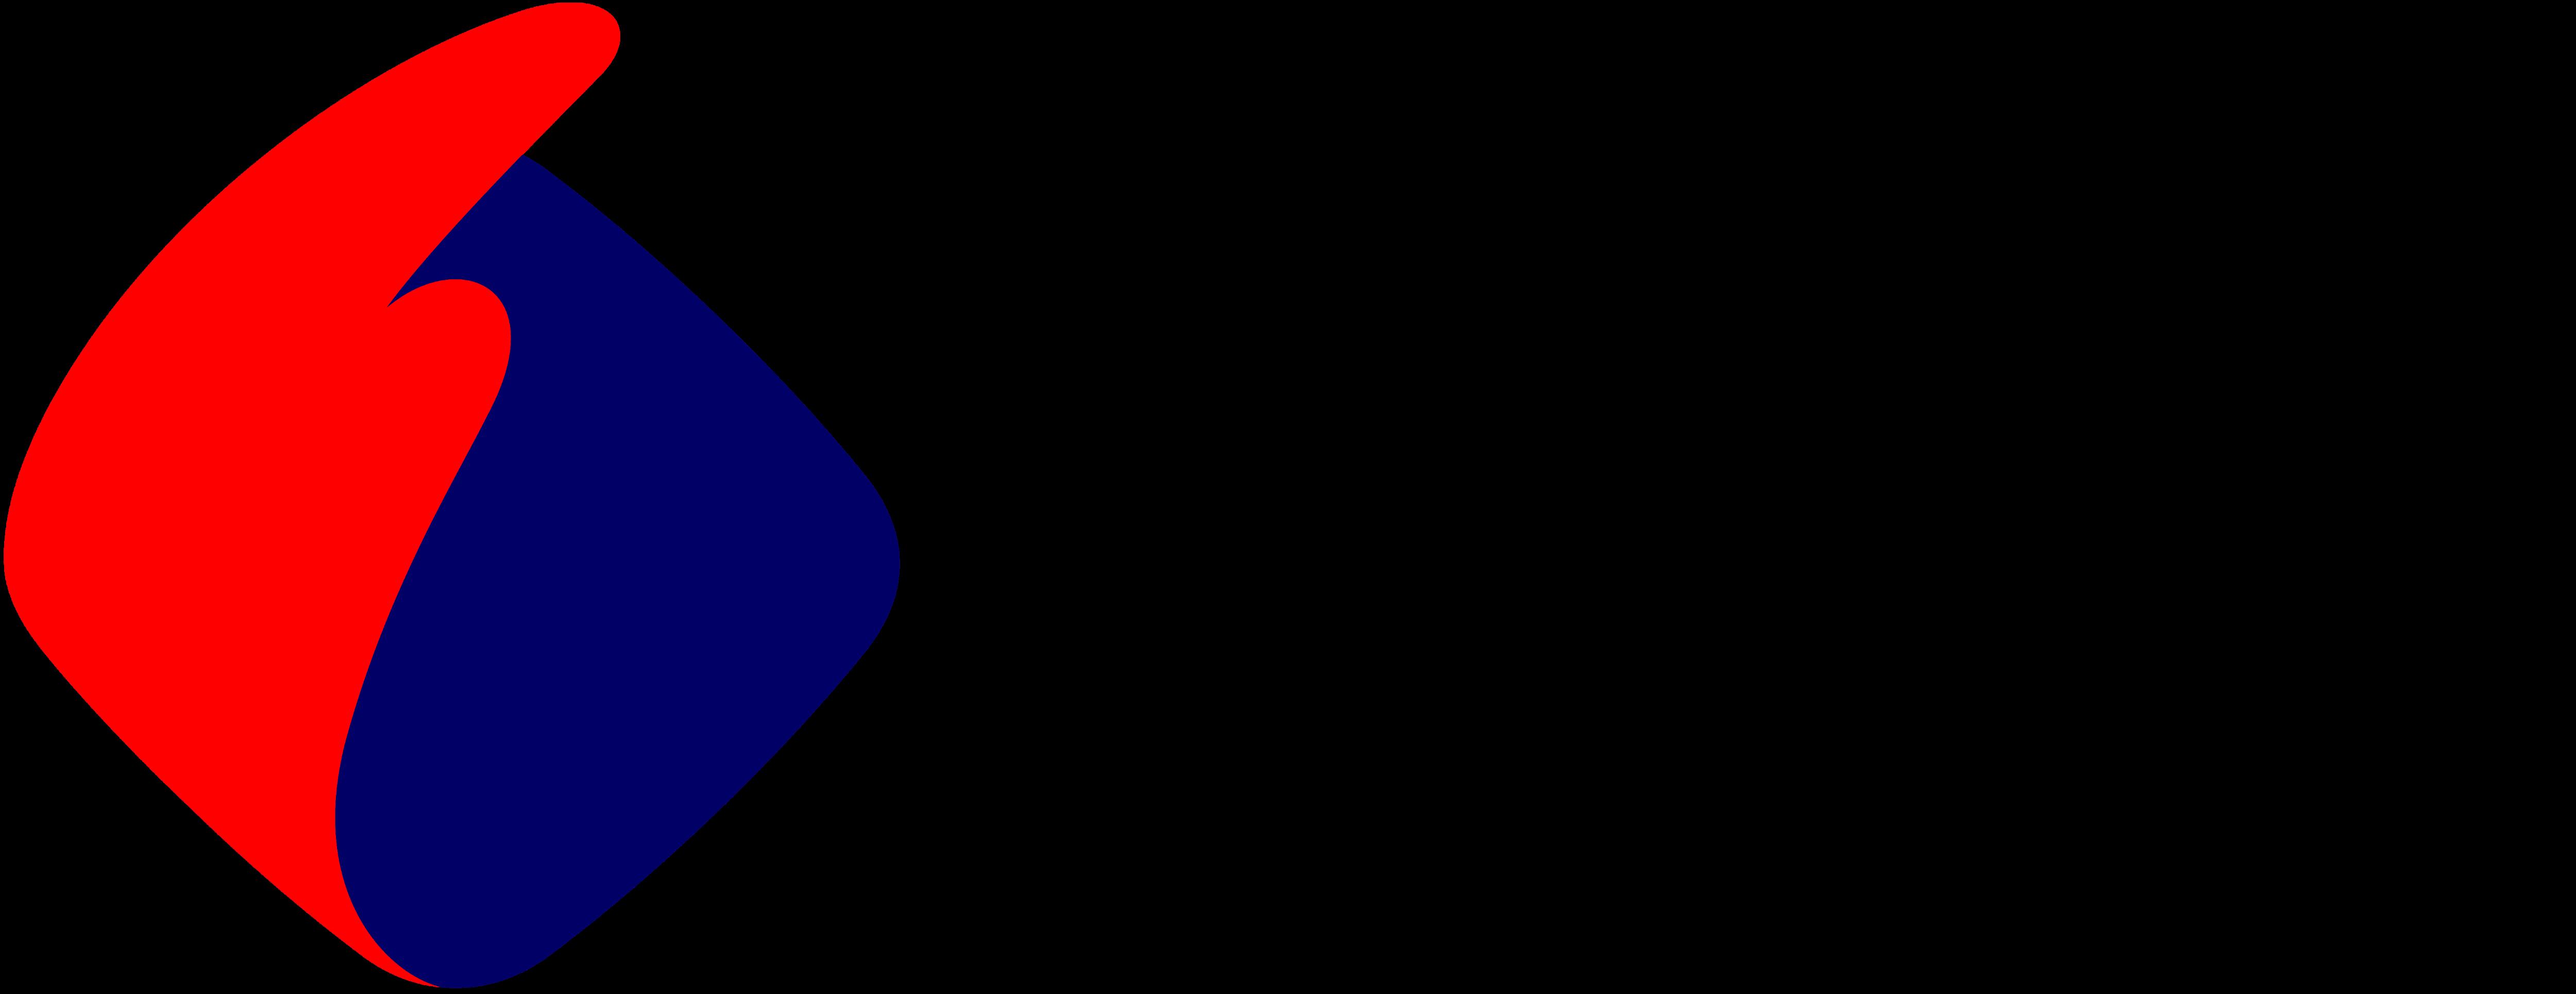 MSIG_Insurance_Singapore_logo